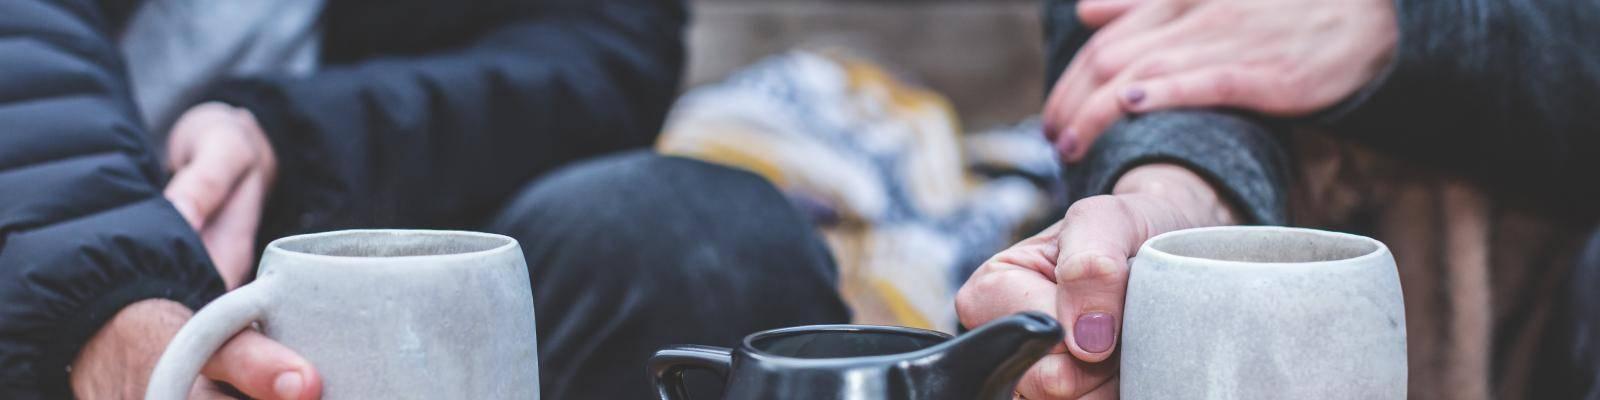 Handen om koffiemokken